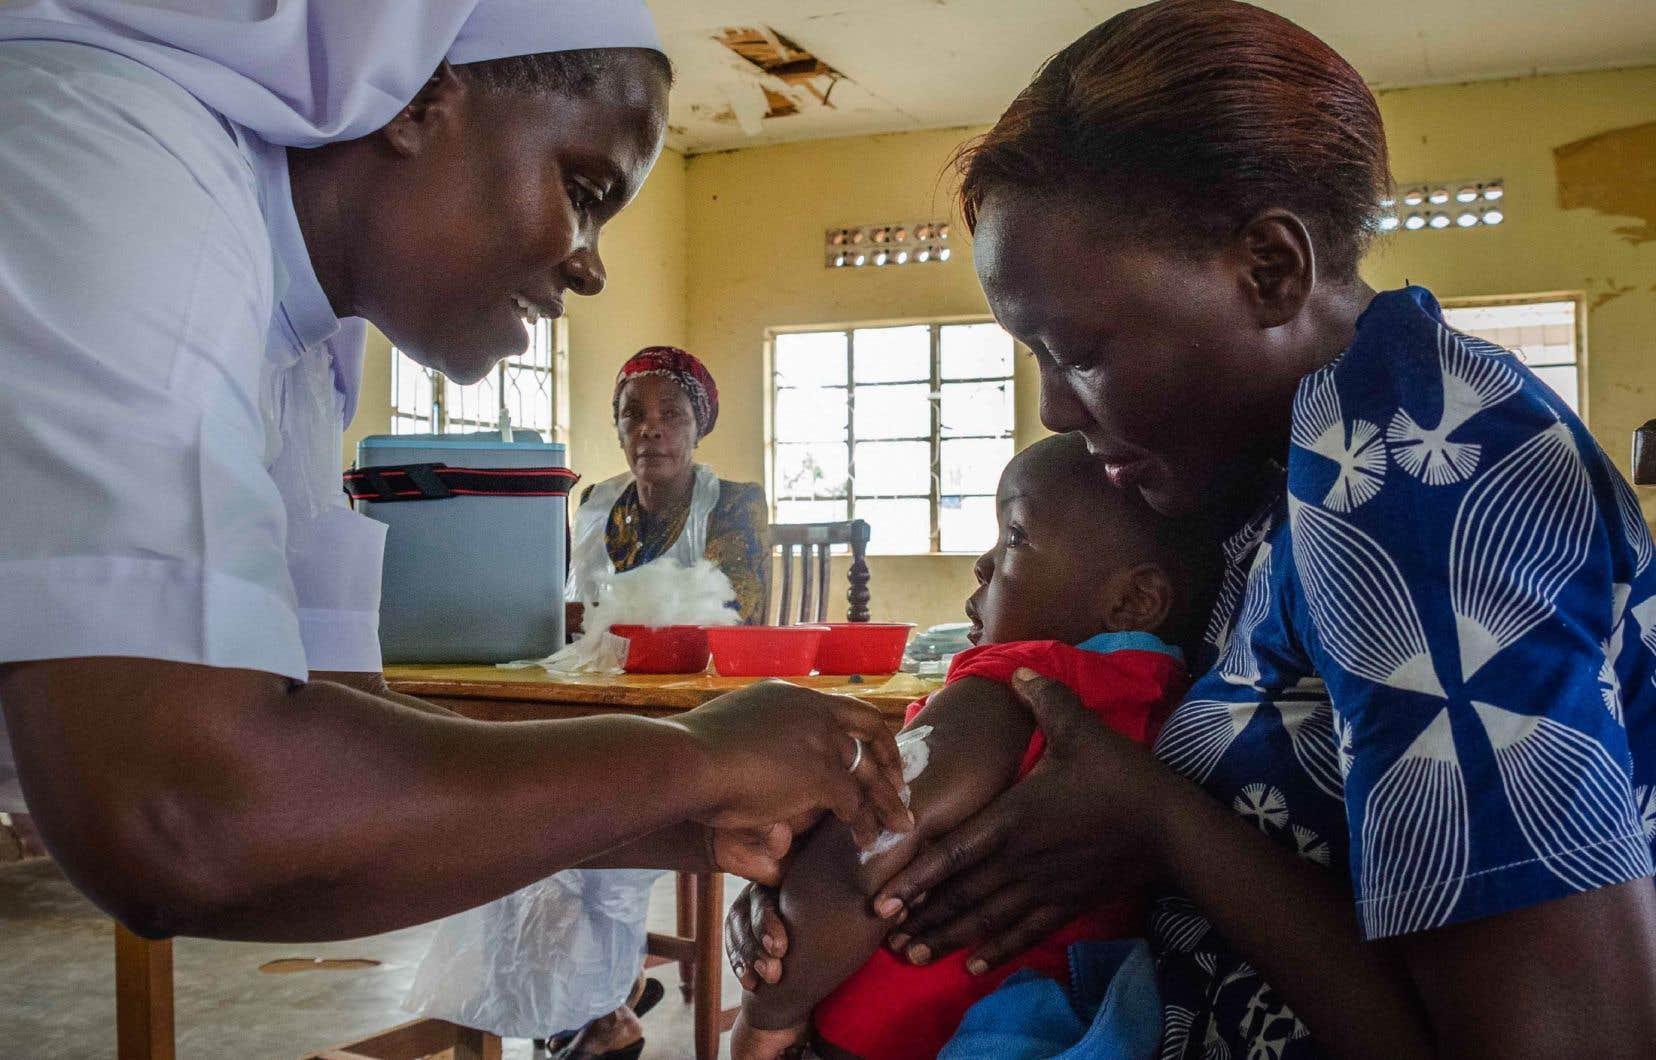 En 2018, la rougeole a tué 140000 personnes dans le monde, en grande majorité dans les pays d'Afrique subsaharienne.